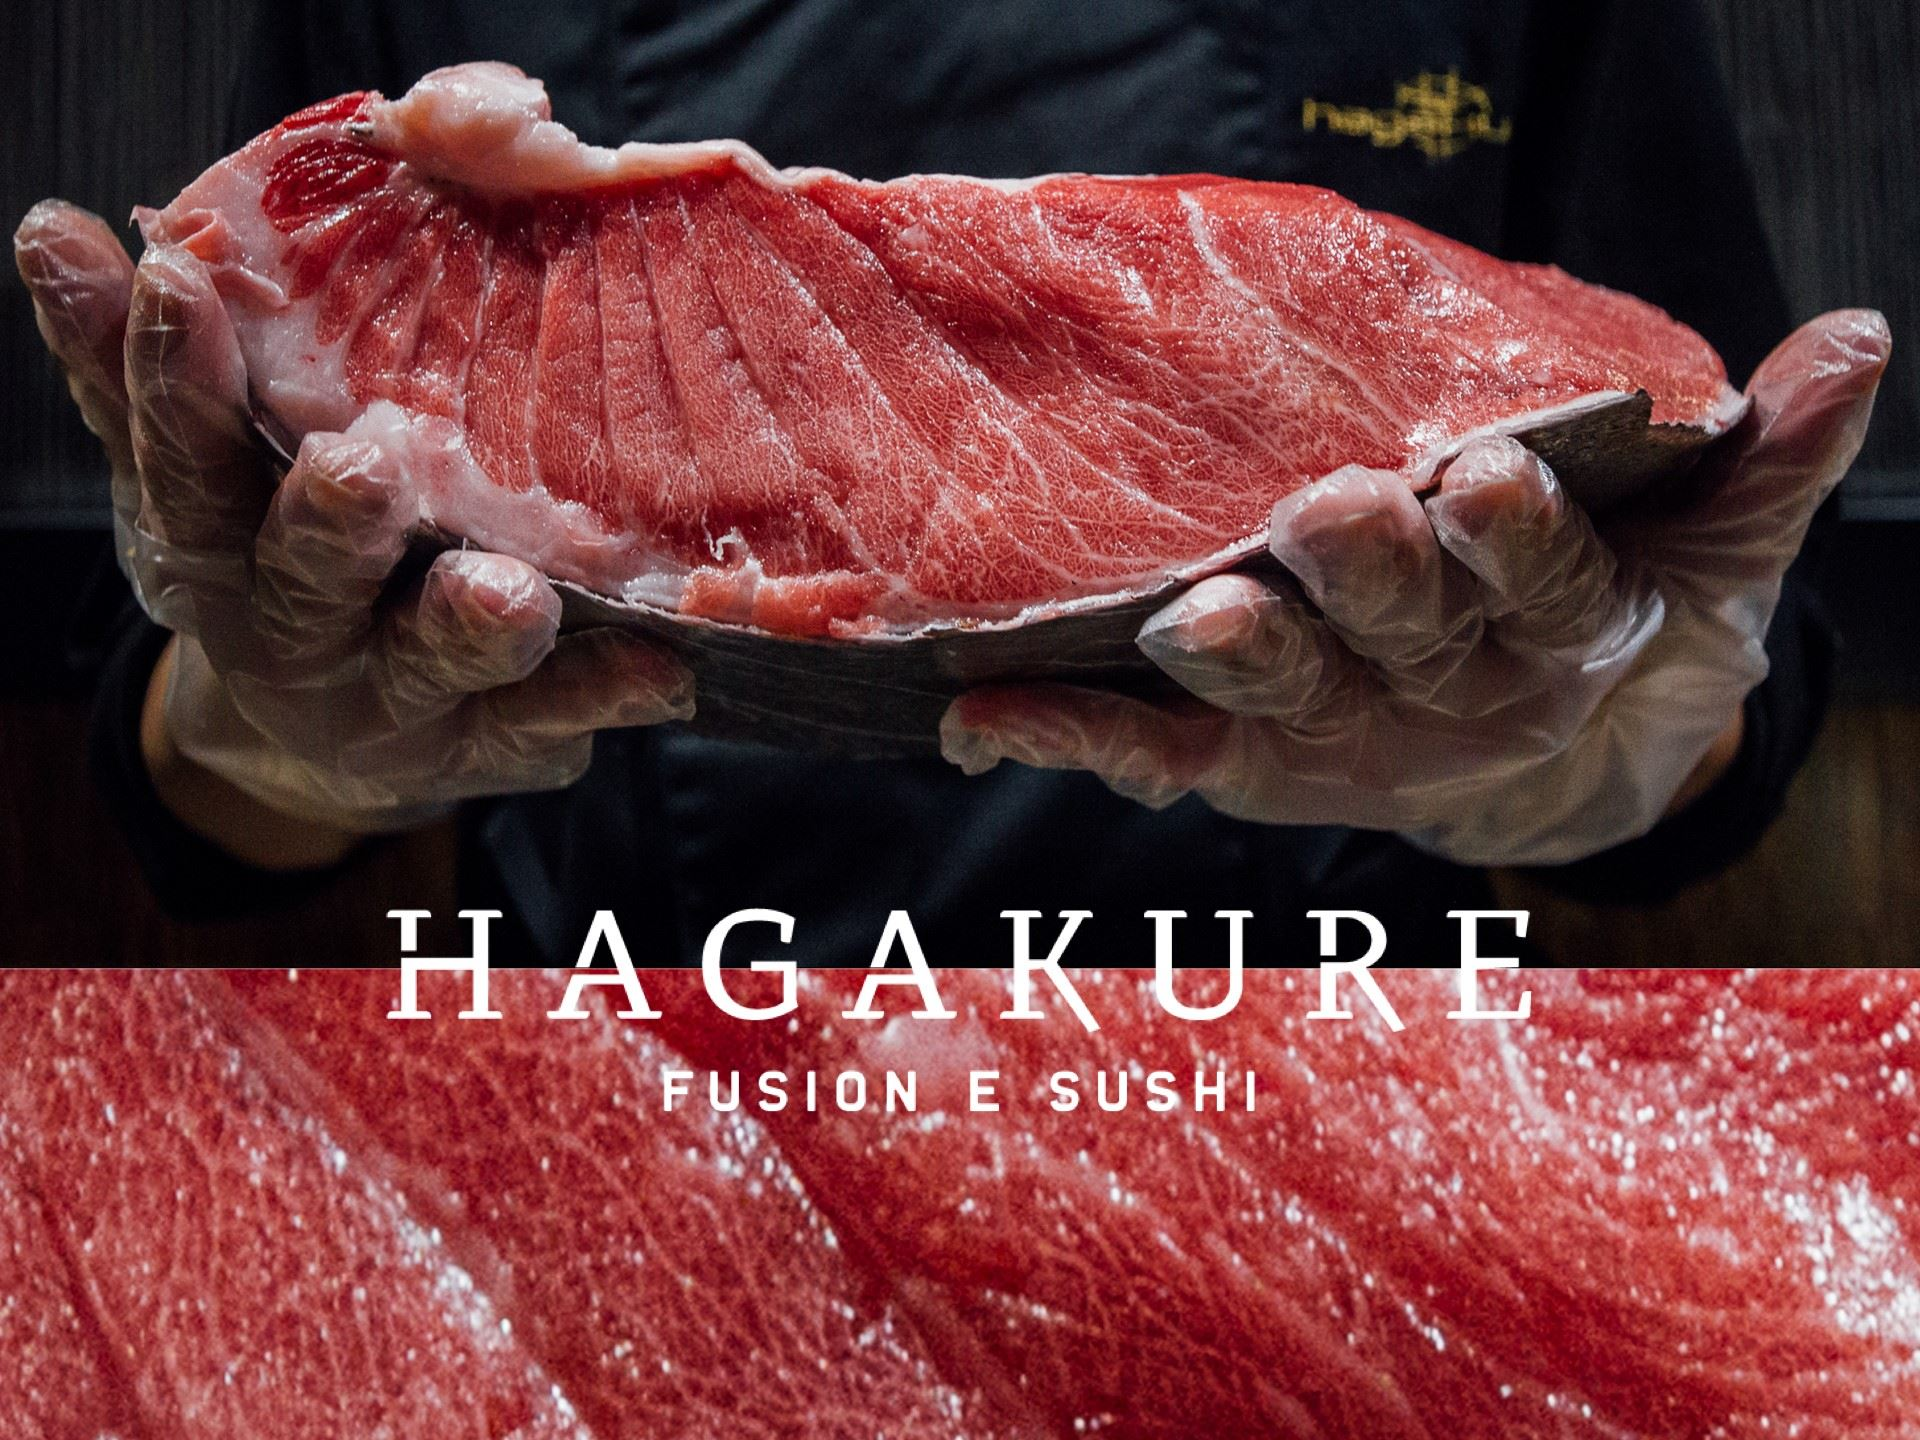 hagakure sushi fusion SUA MAESTÀ, VENTRESCA DI TONNO ROSSO